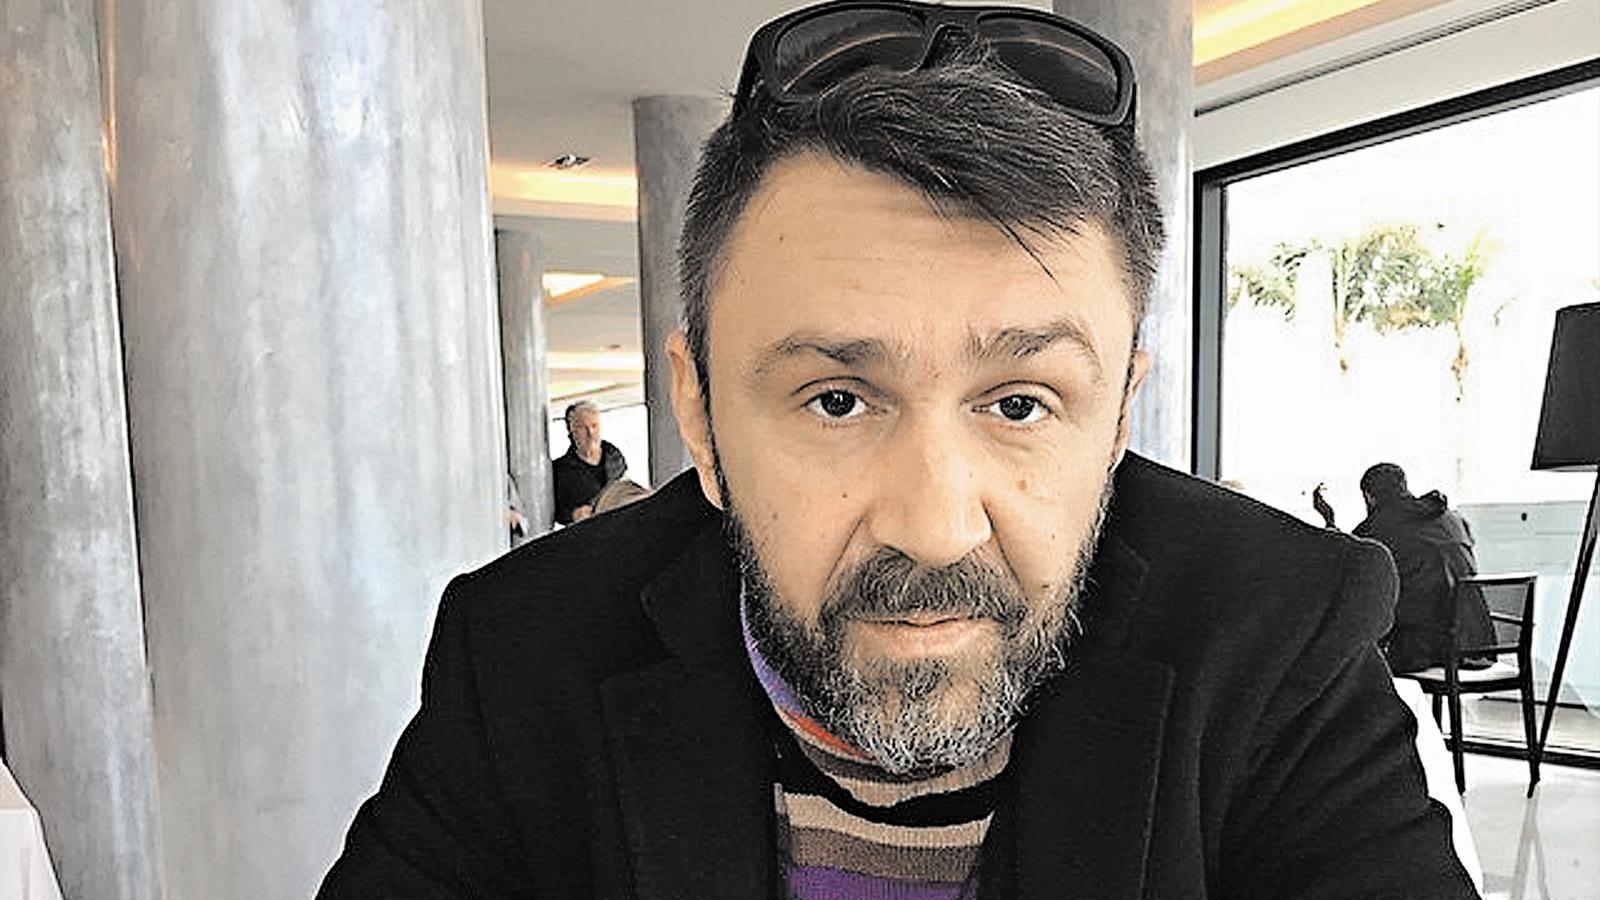 «Прости, я не приду»: Сергей Шнуров отказал Ксении Собчак в поэтическом баттле